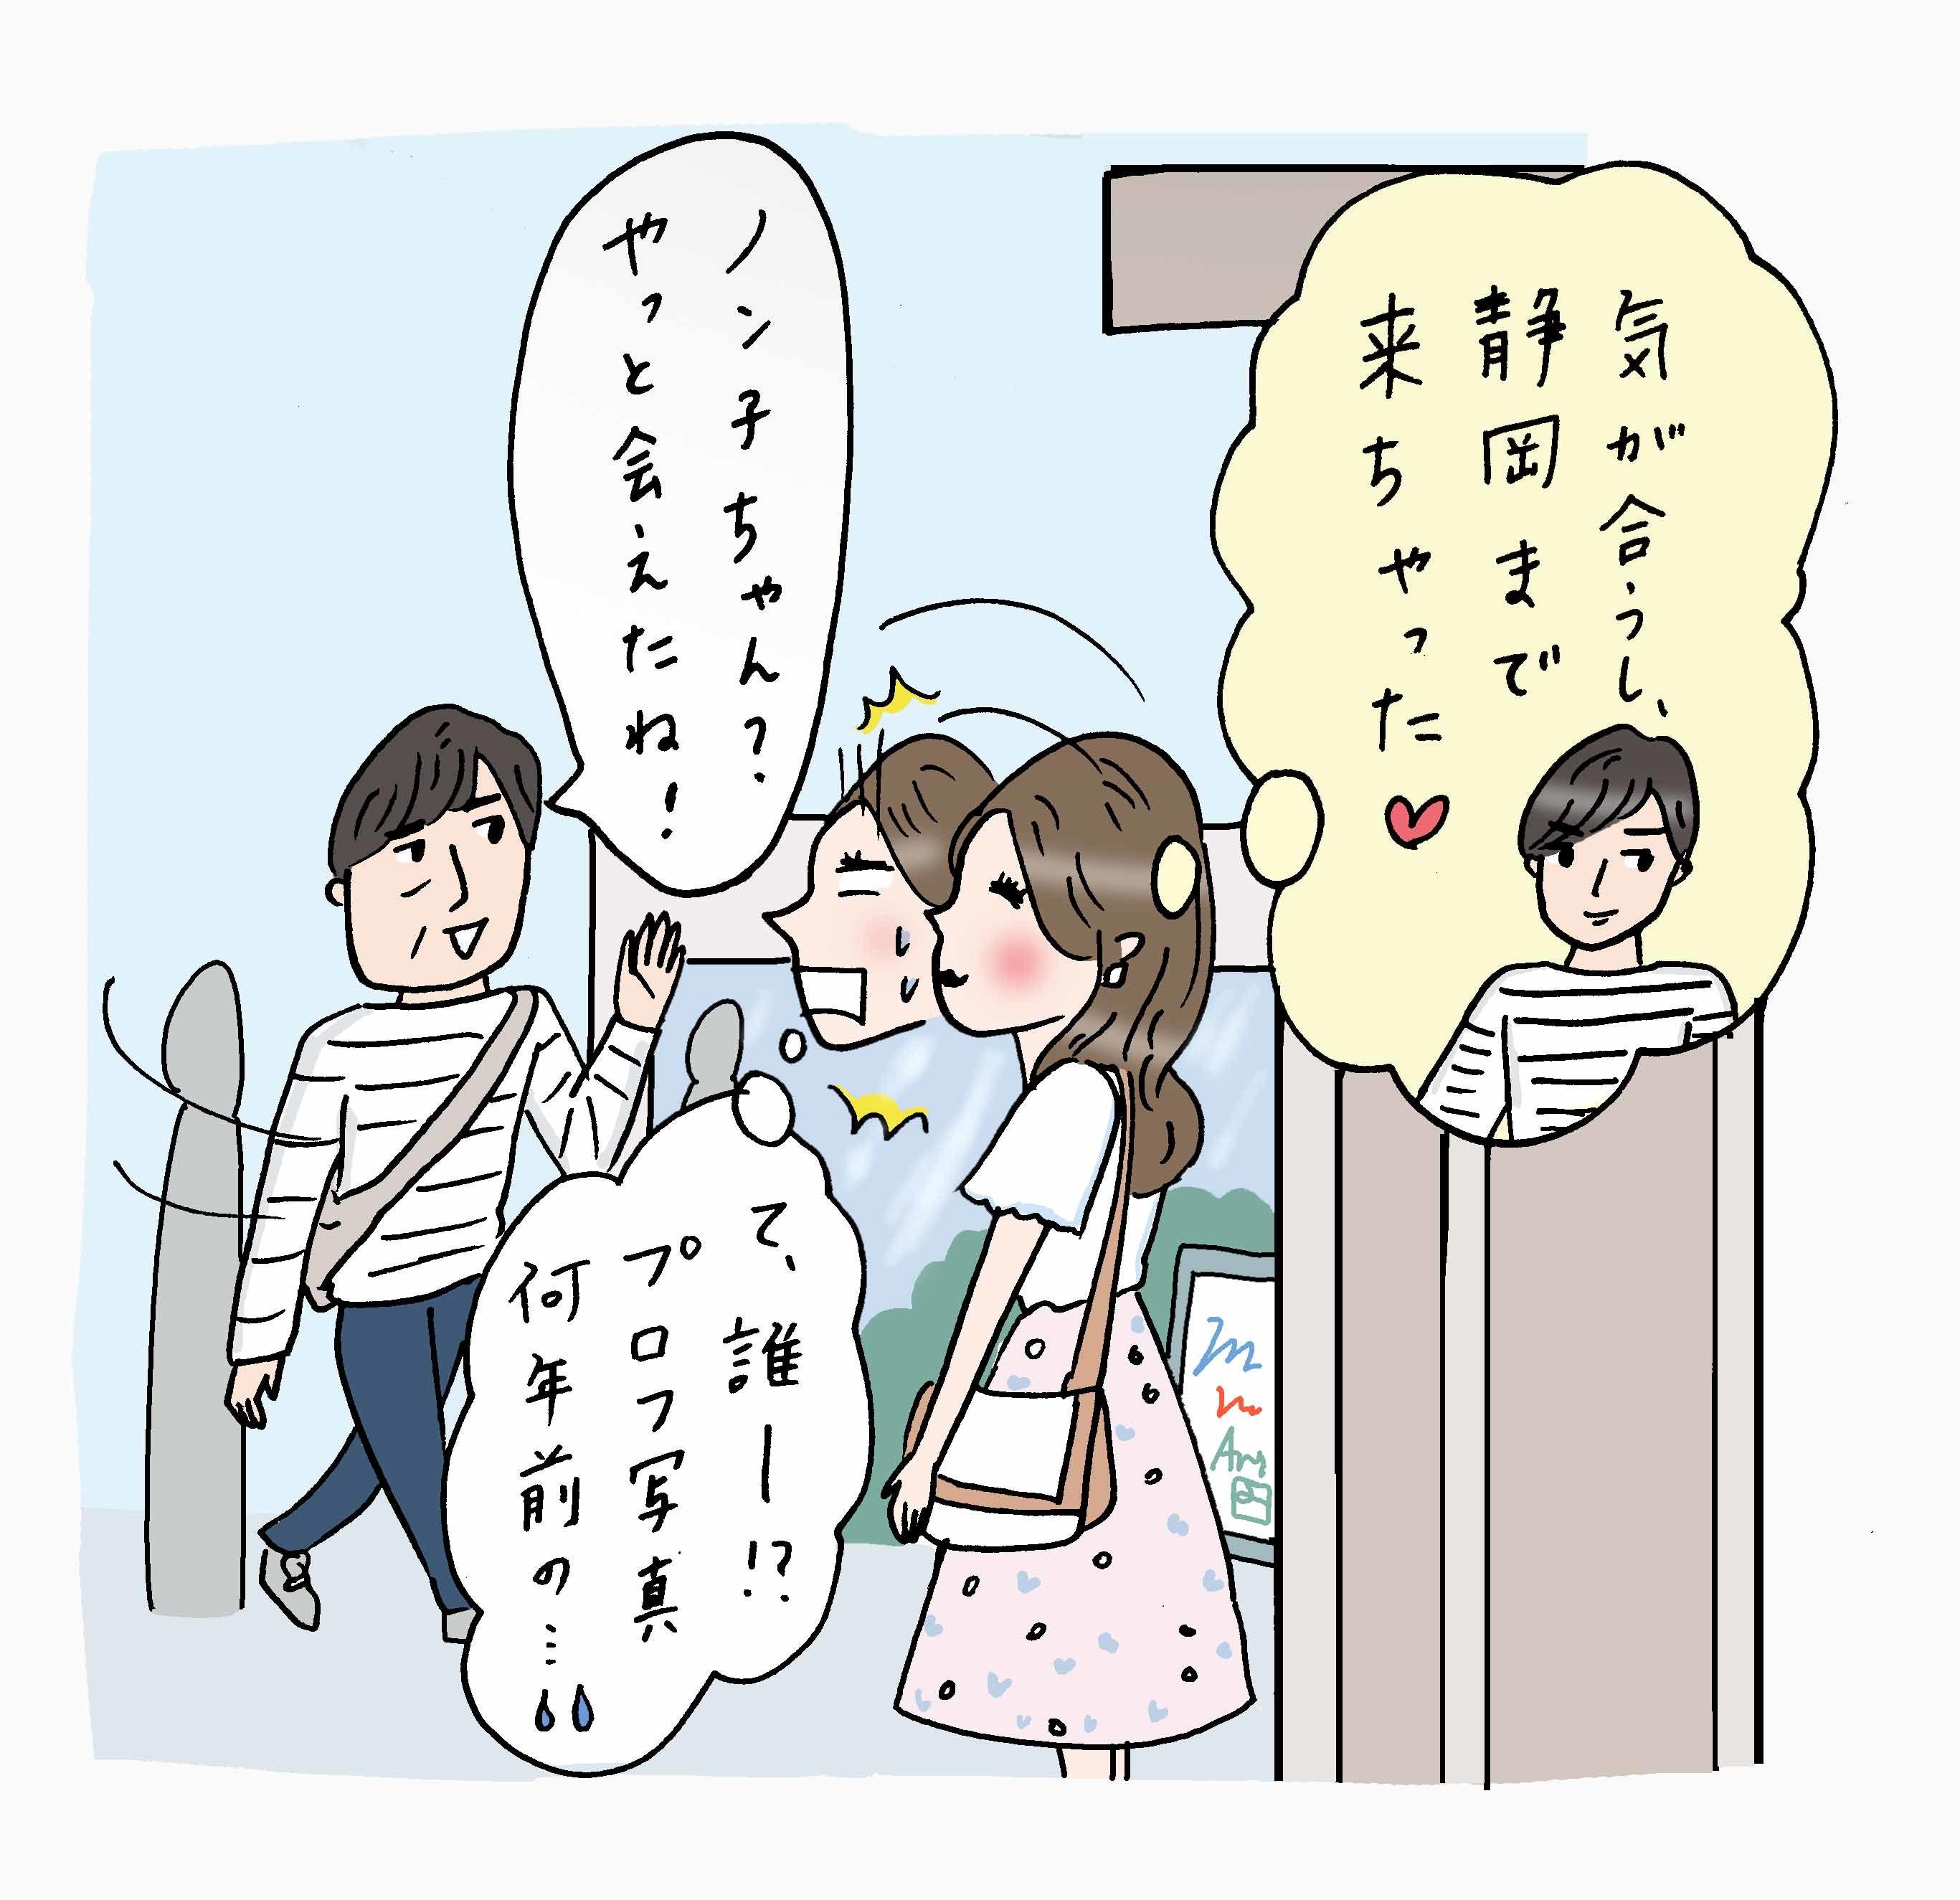 マッチングアプリあるある★ クスっと笑える失敗談10連発!_1_3